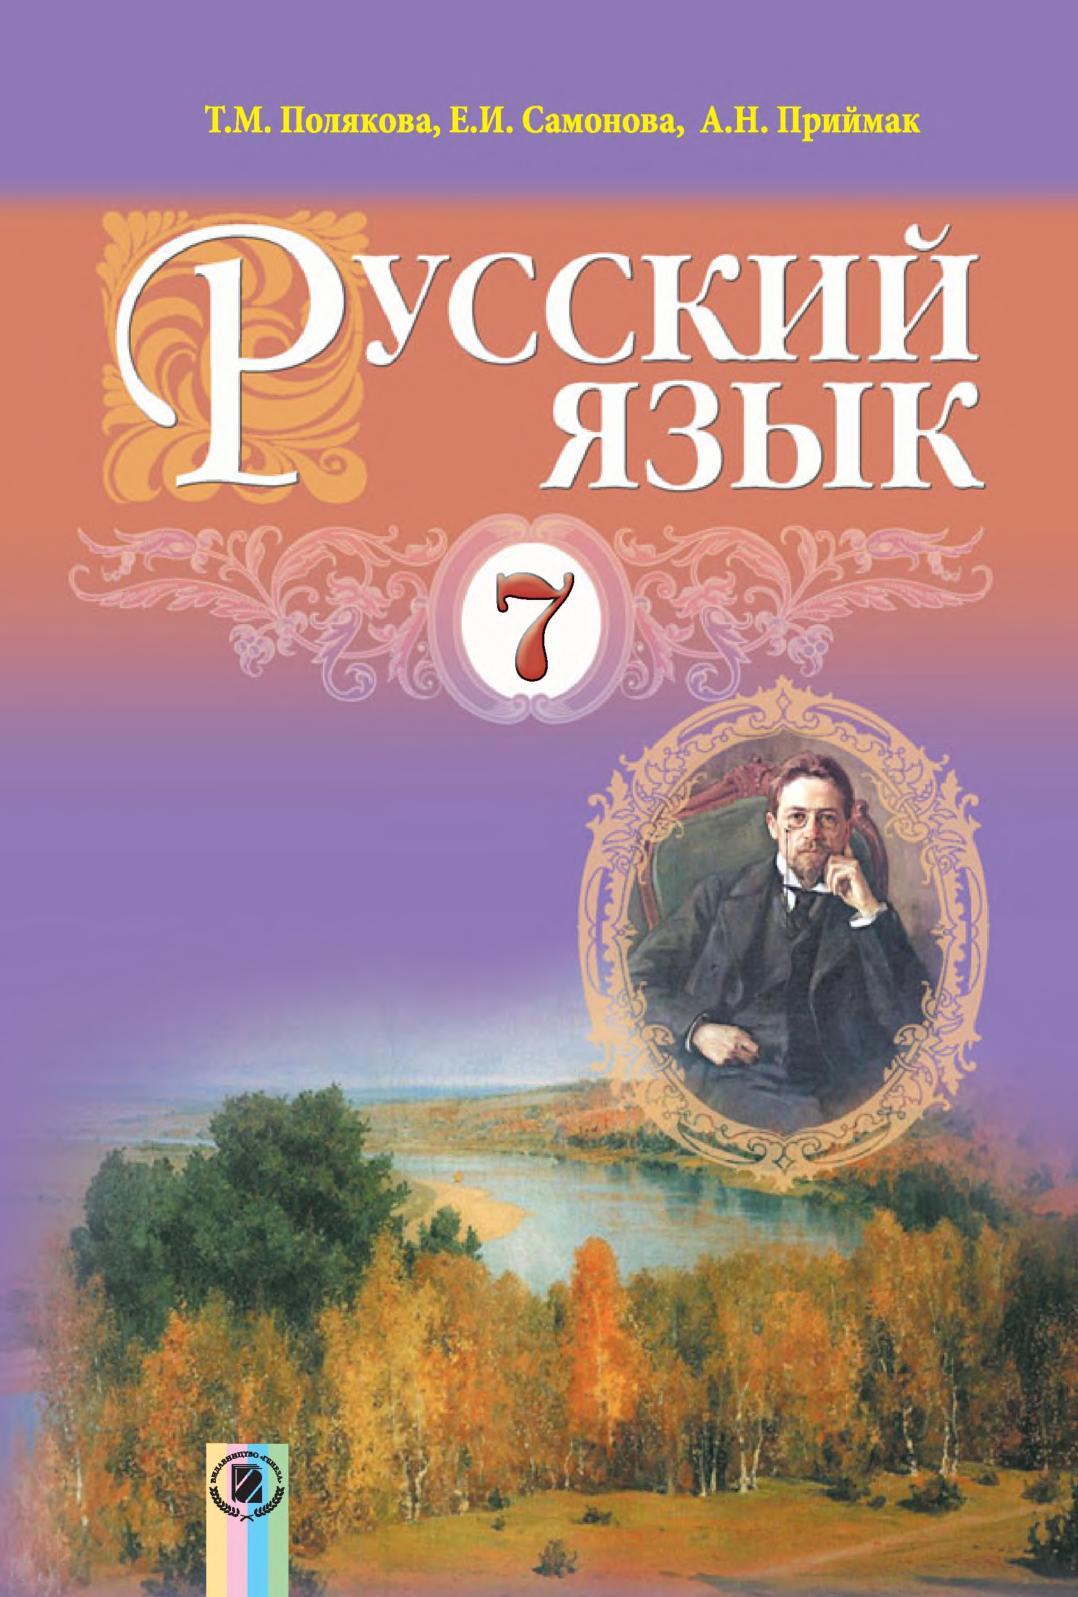 Гдз по русскому языку 9 класс полякова самойлова приймак без регистрации